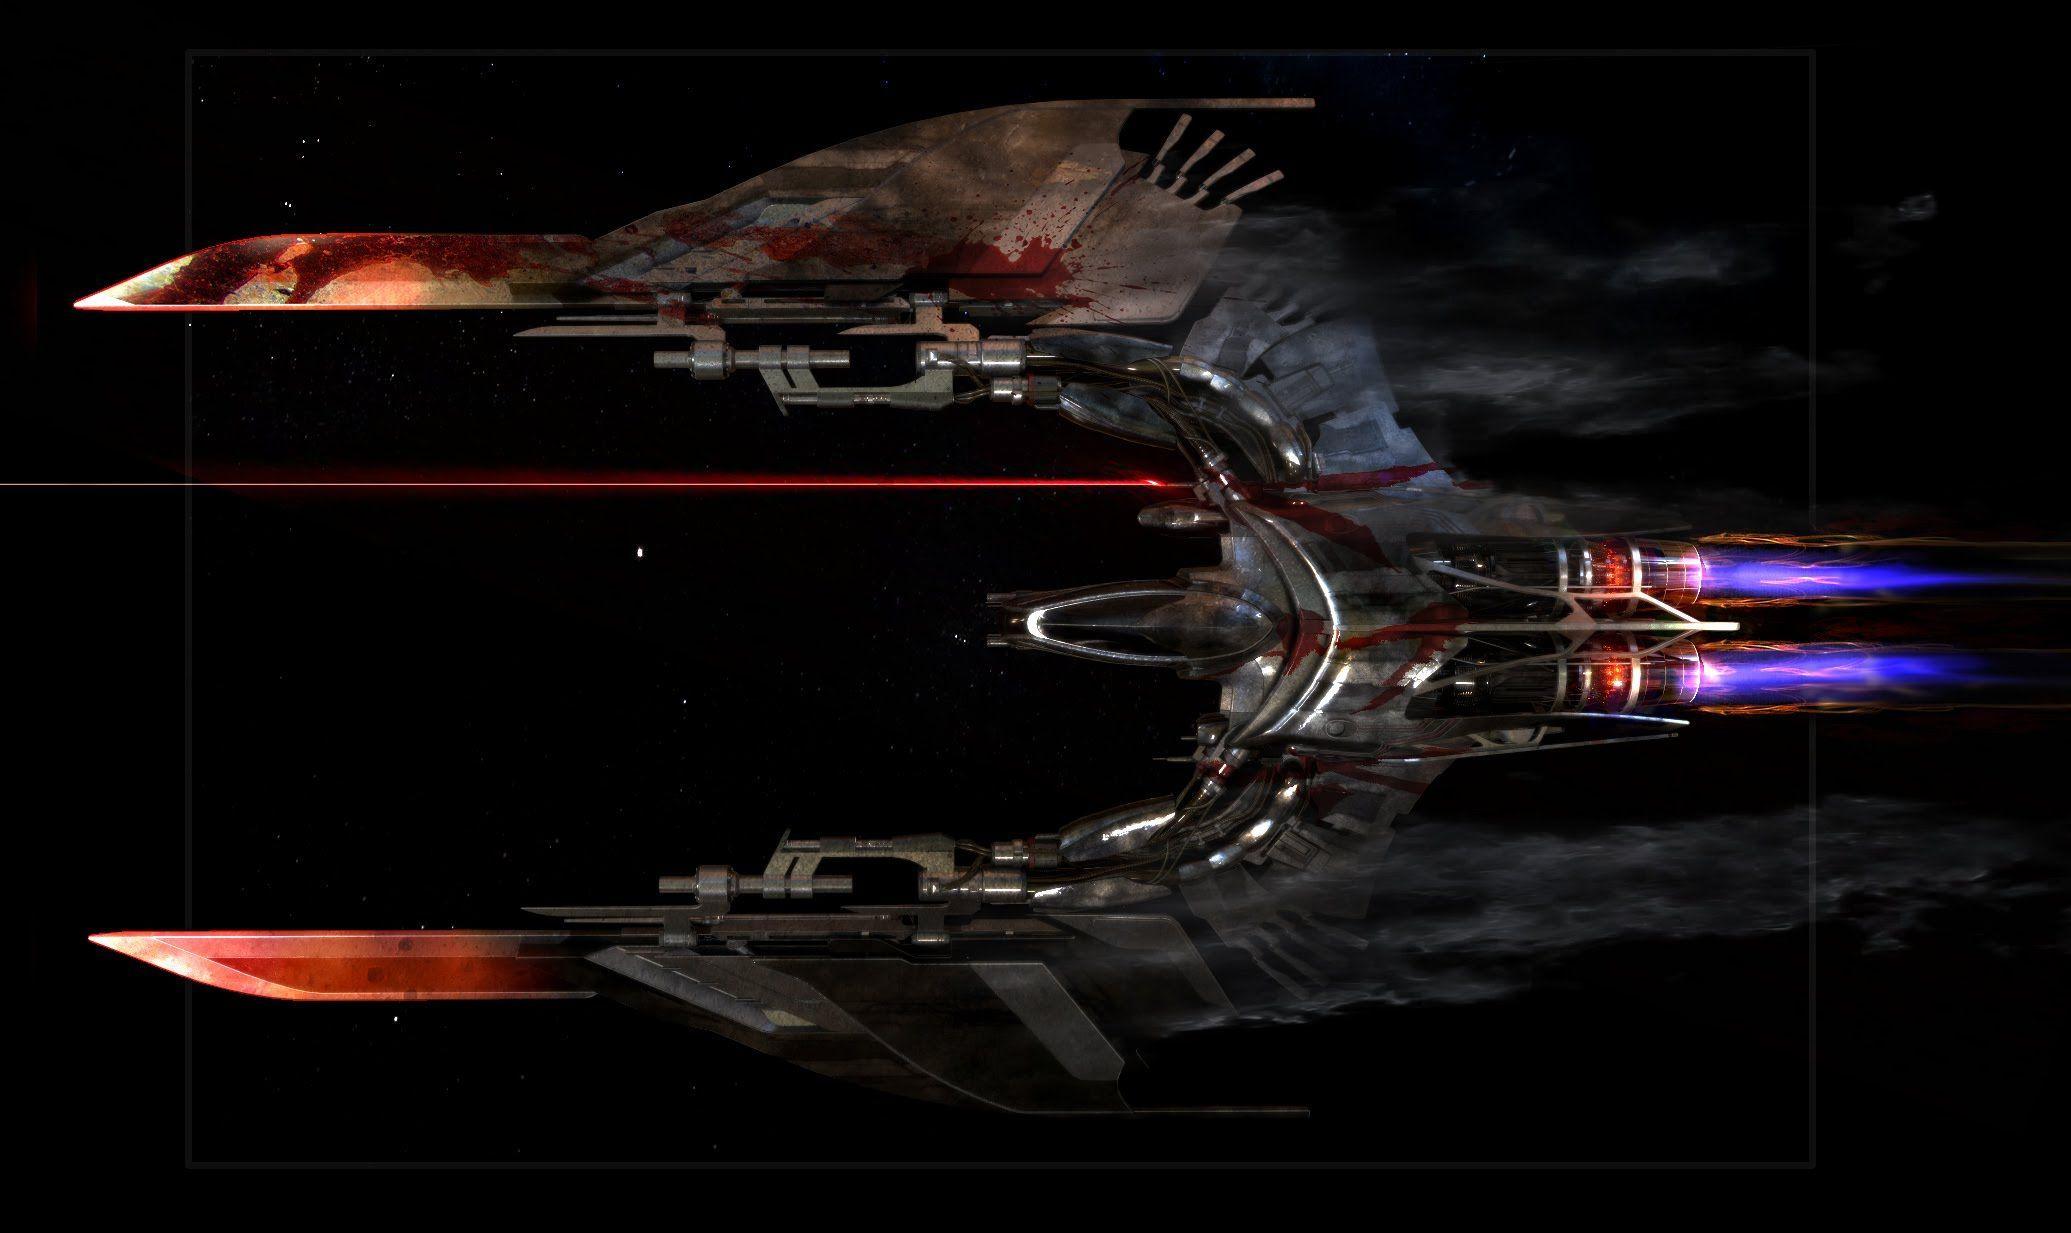 ¿Cómo se llama esta nave y quién la hace? (Imposible)